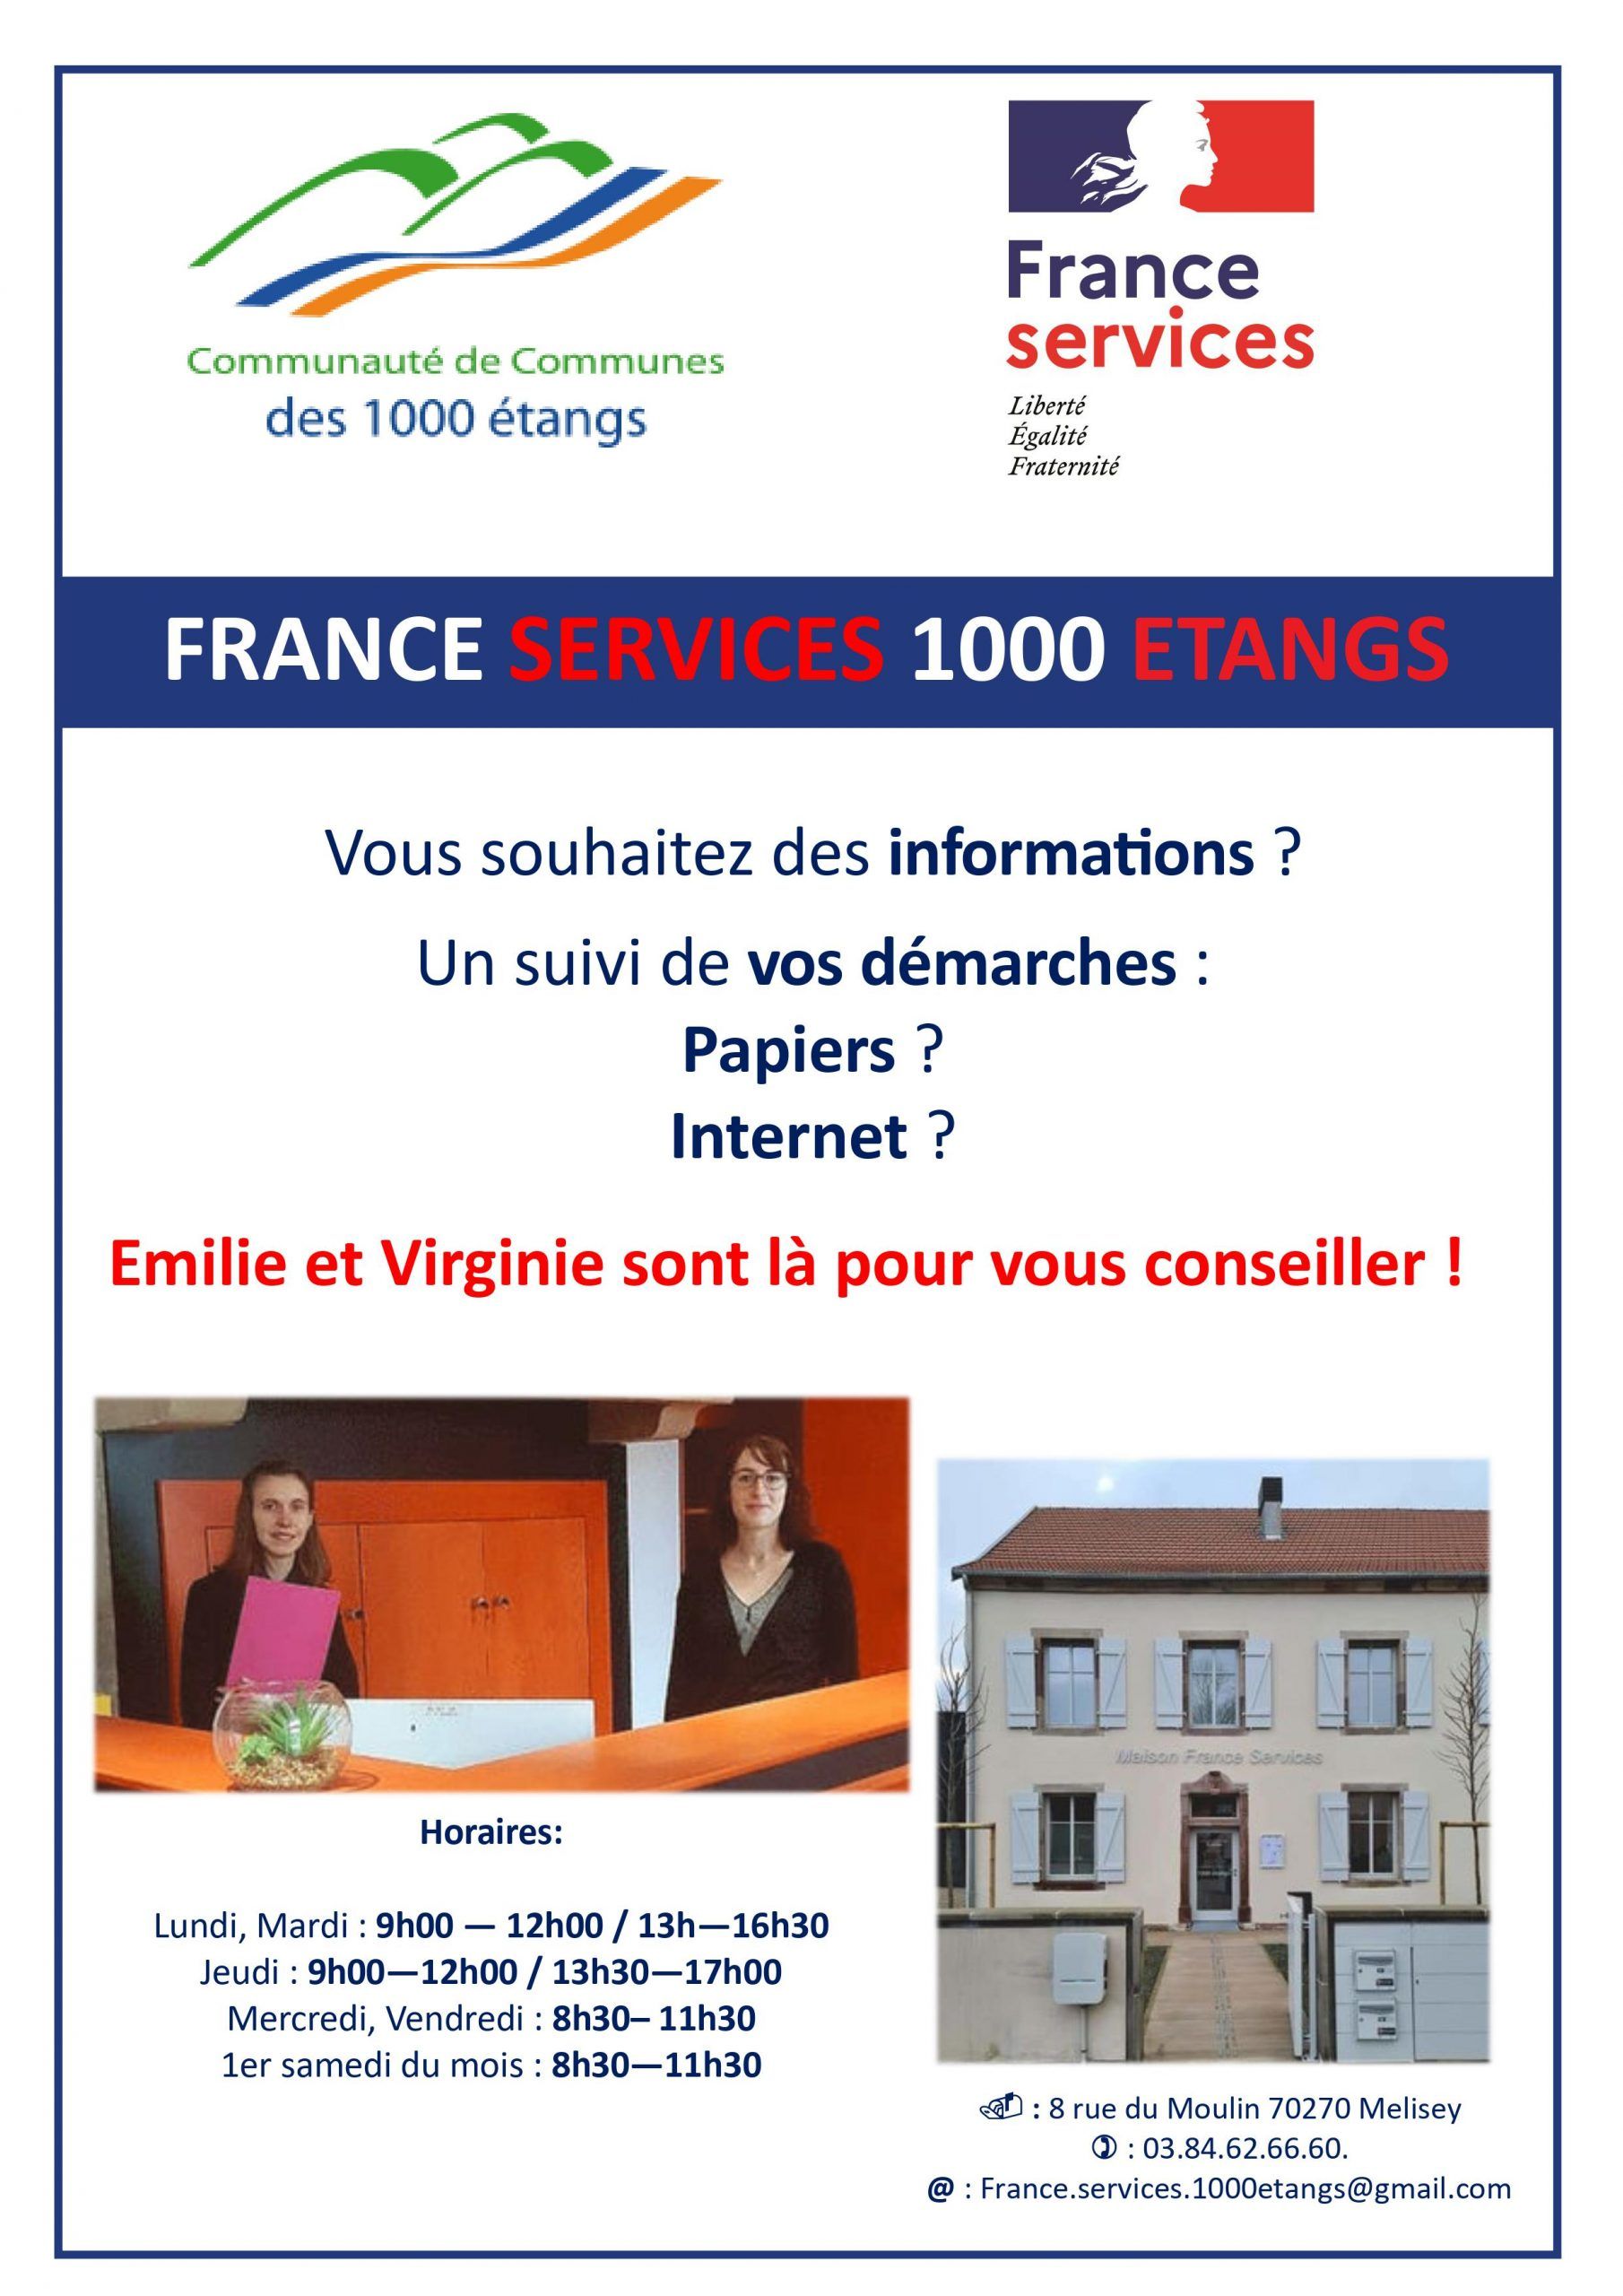 Affiche France Services 1000 Etangs